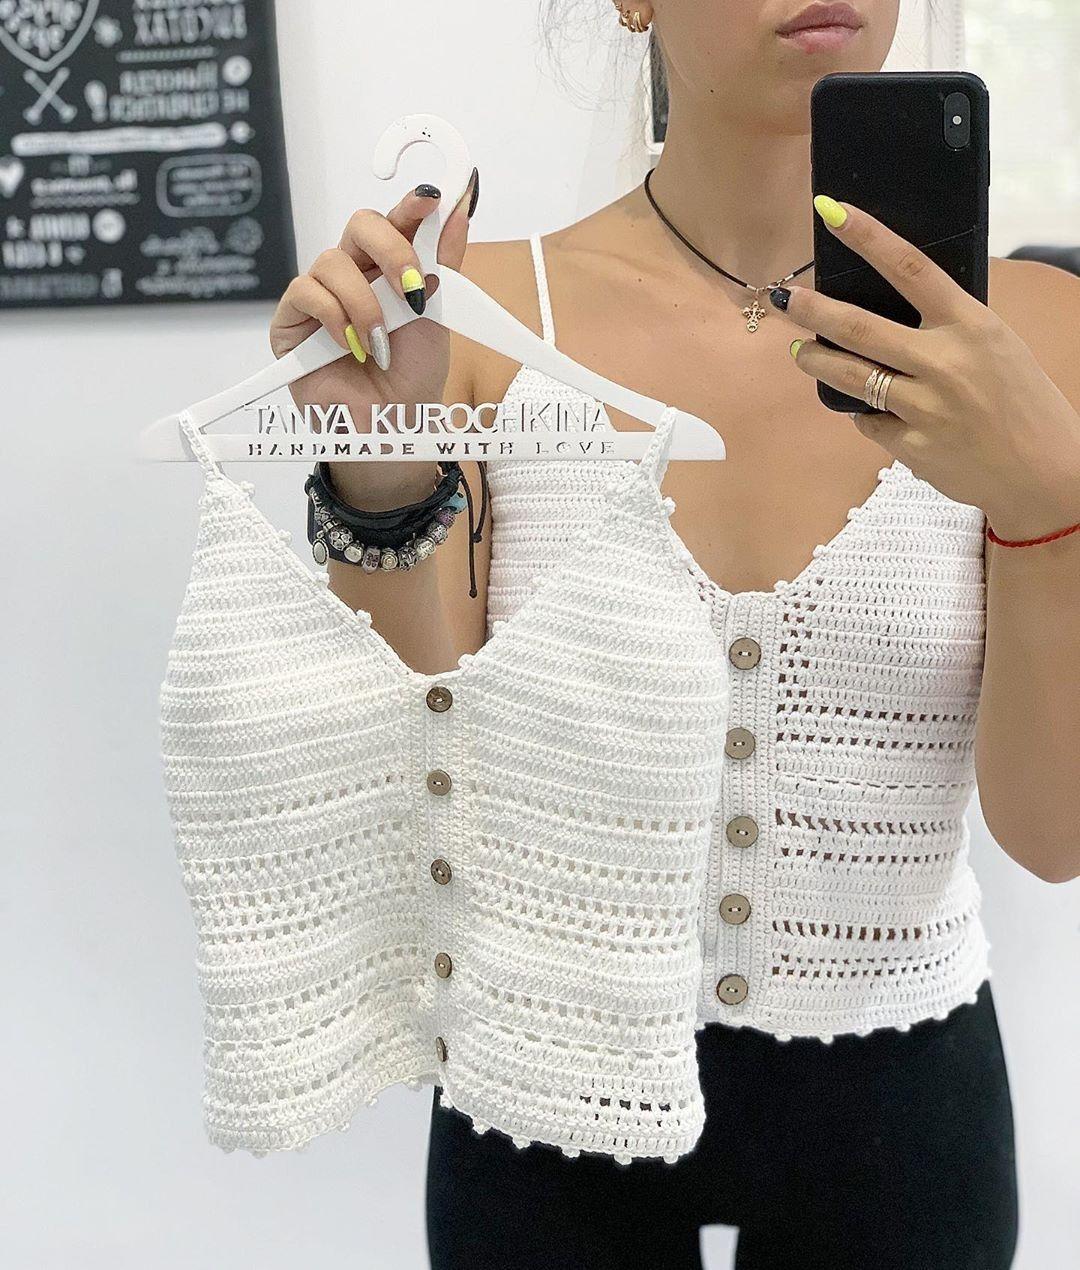 Blusa de crochê  #crochetsweaterpatternwomen